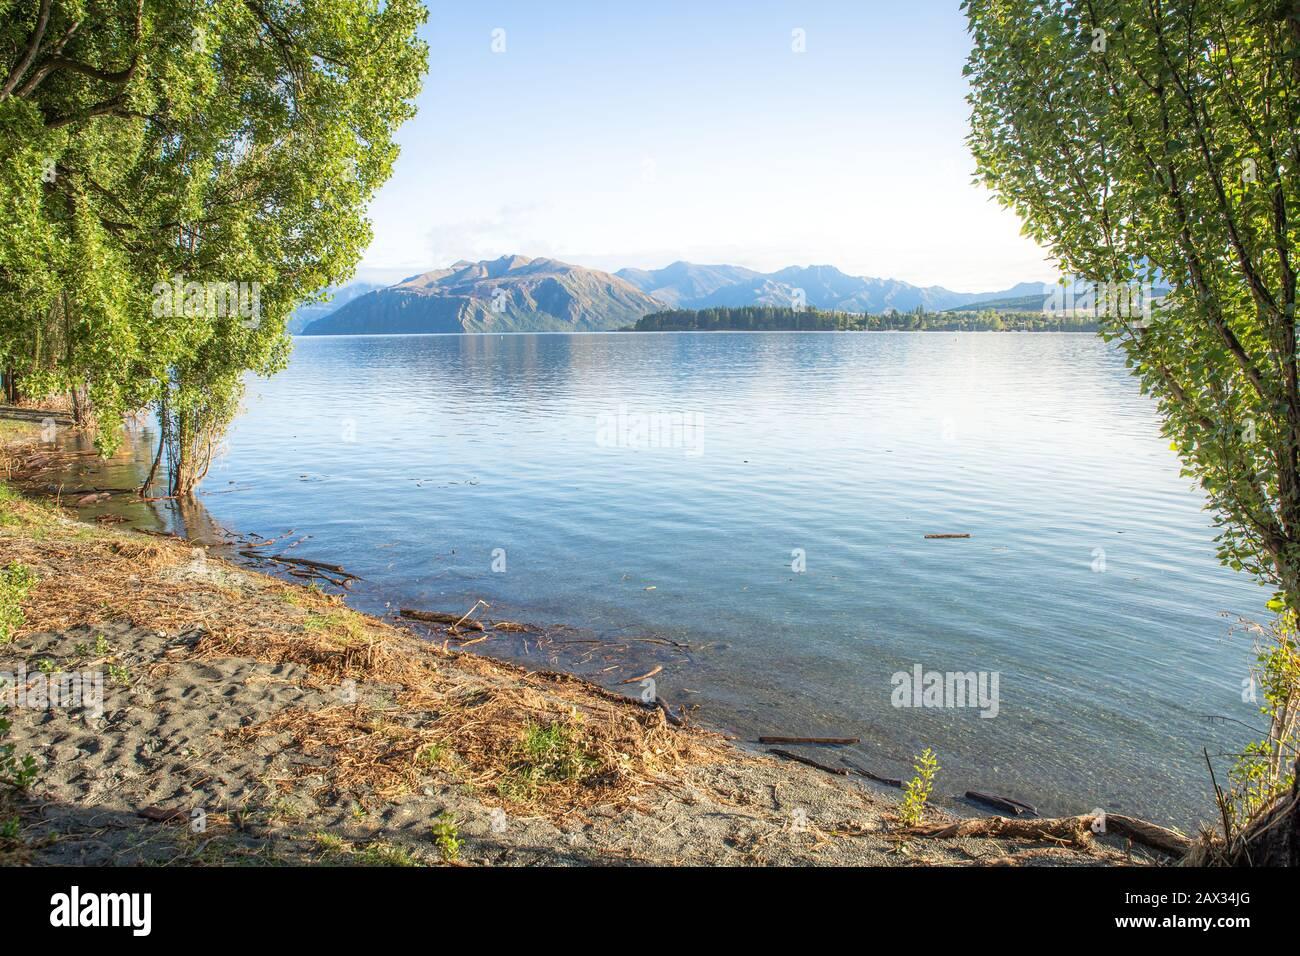 Sonnenaufgang am frühen Morgen mit goldenem Licht. Blauer Himmel und Wasser. Lake Wanaka Neuseeland, Ein Beliebtes Reiseziel. Stockfoto